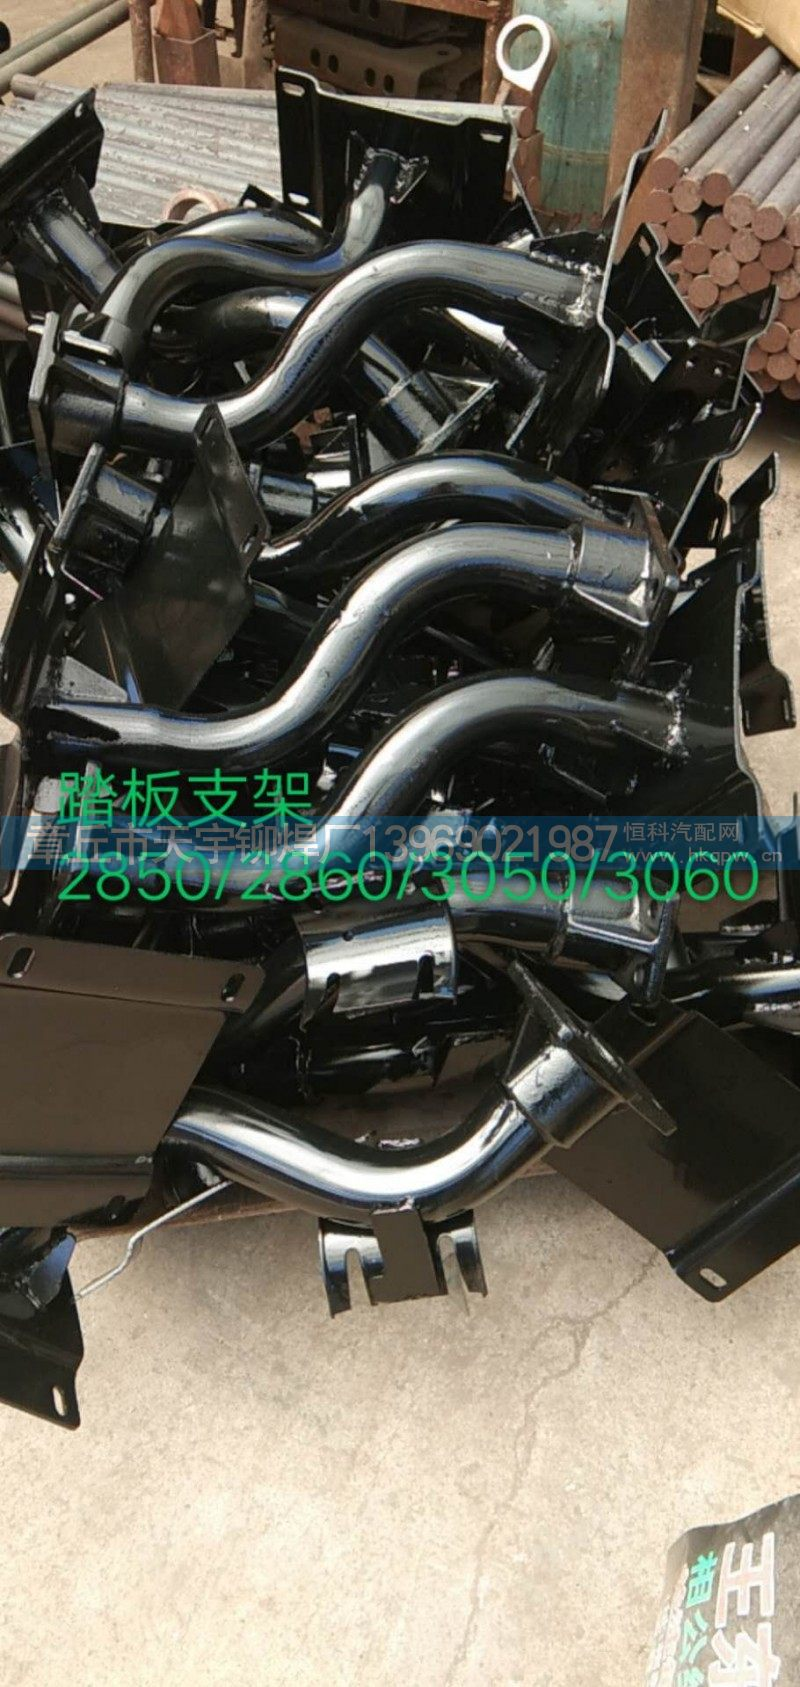 踏板支架2850-2860-3050-3060/2850-2860-3050-3060